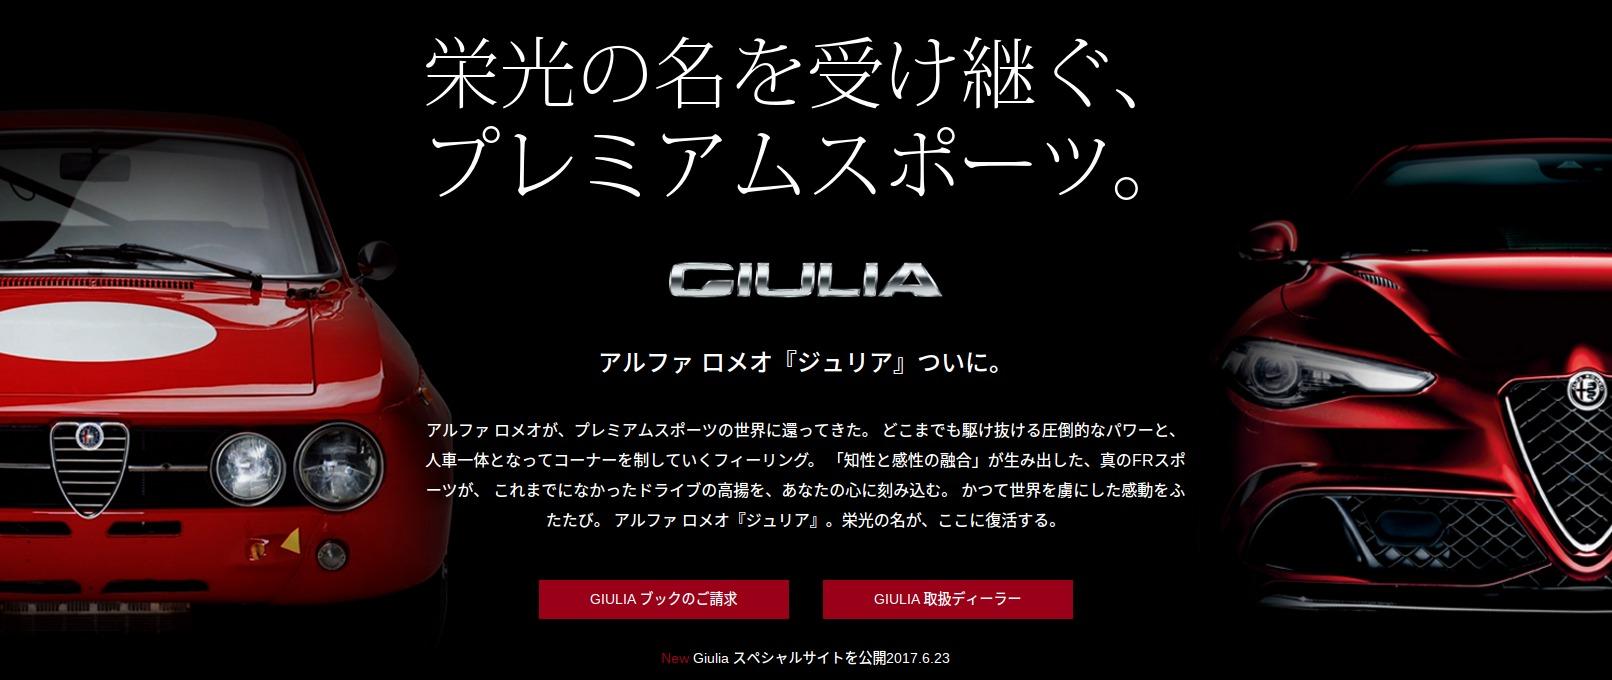 GIULIA ホーム アルファ ロメオ ジャパン 公式サイト